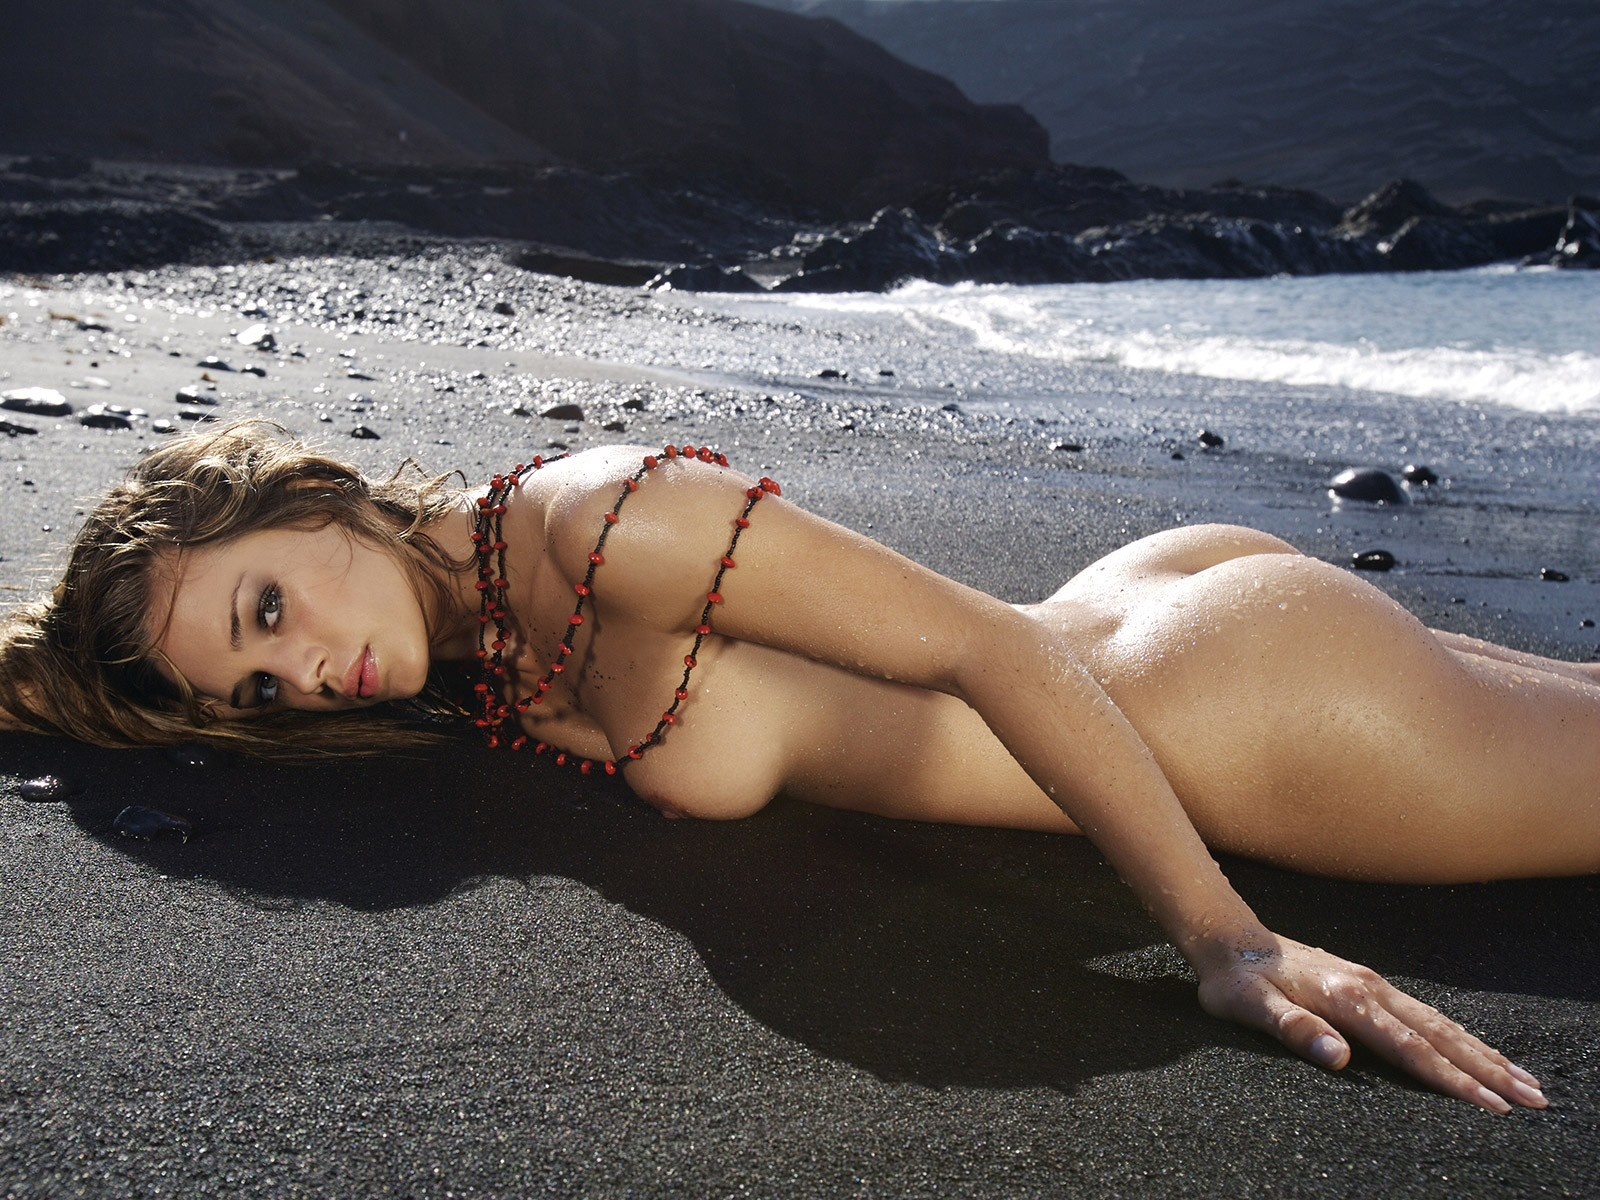 Девушек красивых фото пляже голых на